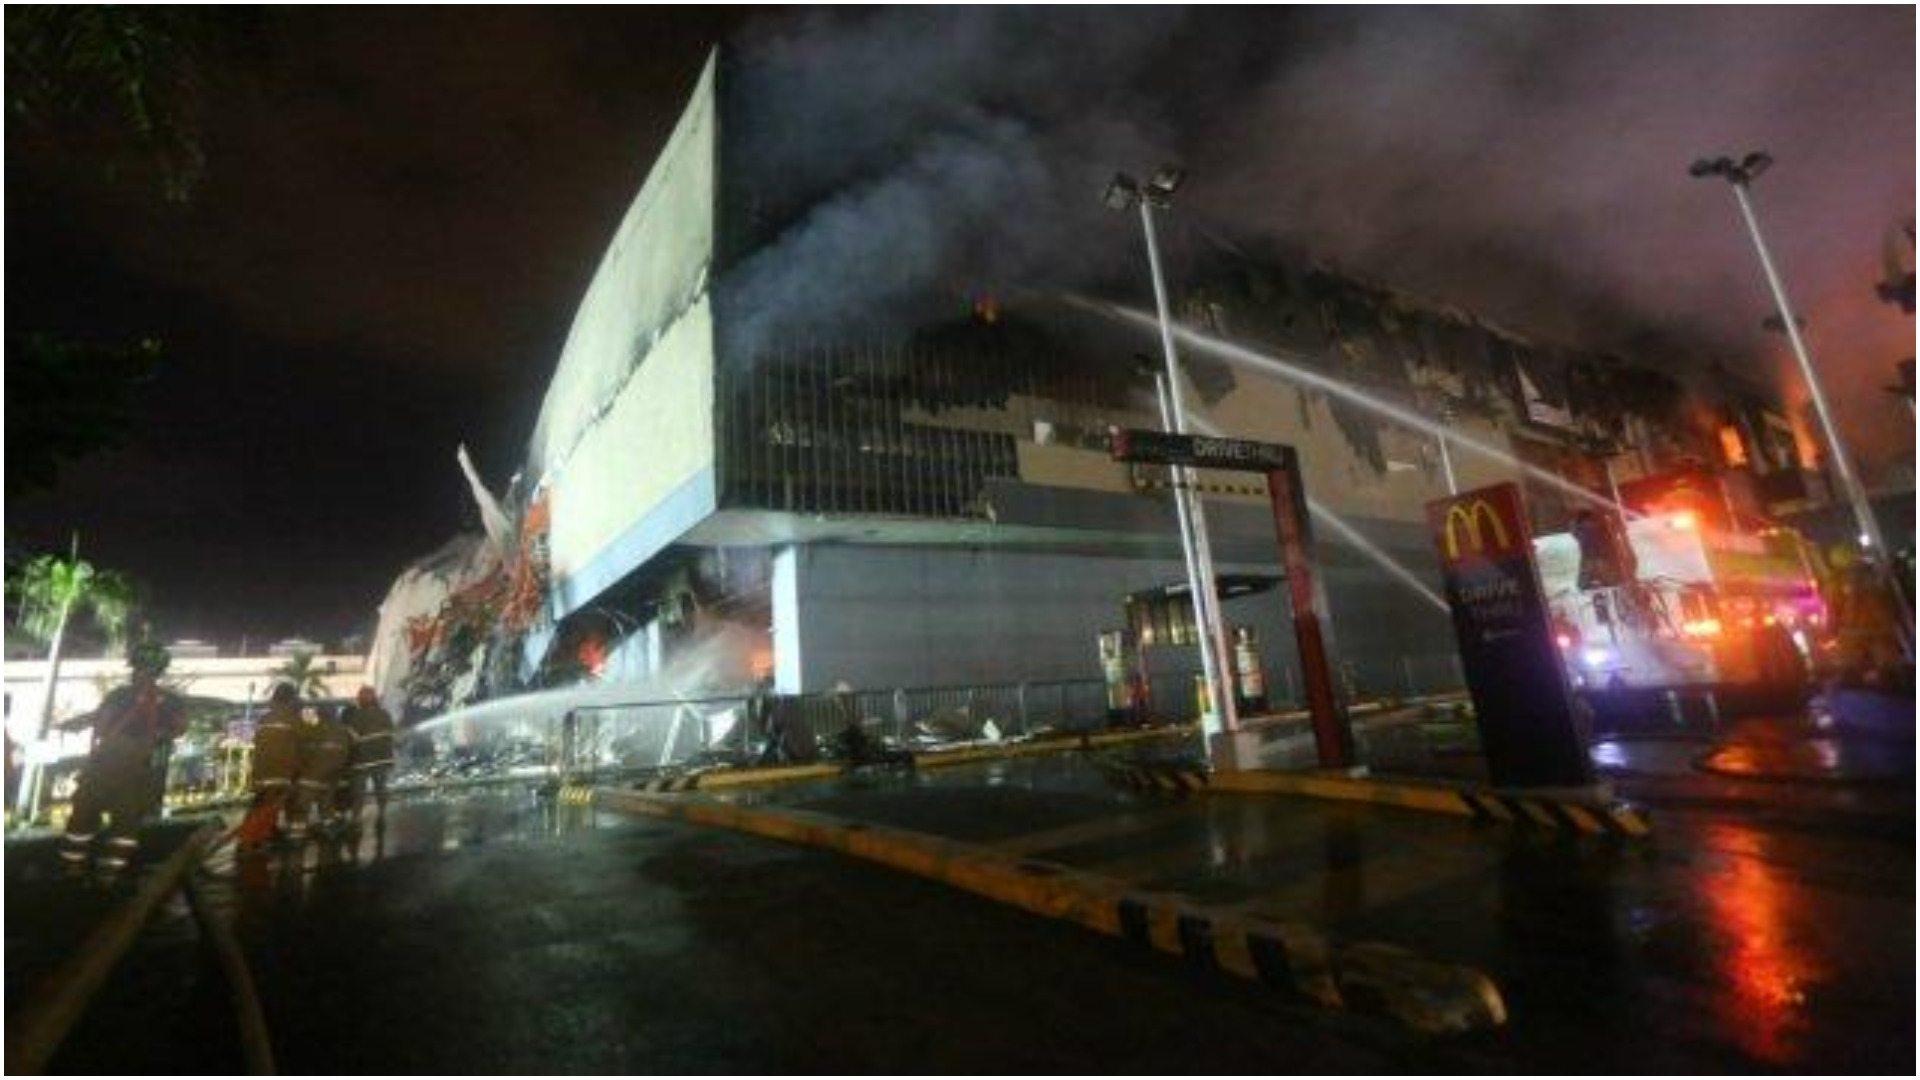 Tragiczny pożar w centrum handlowym. Nie żyje 37 osób